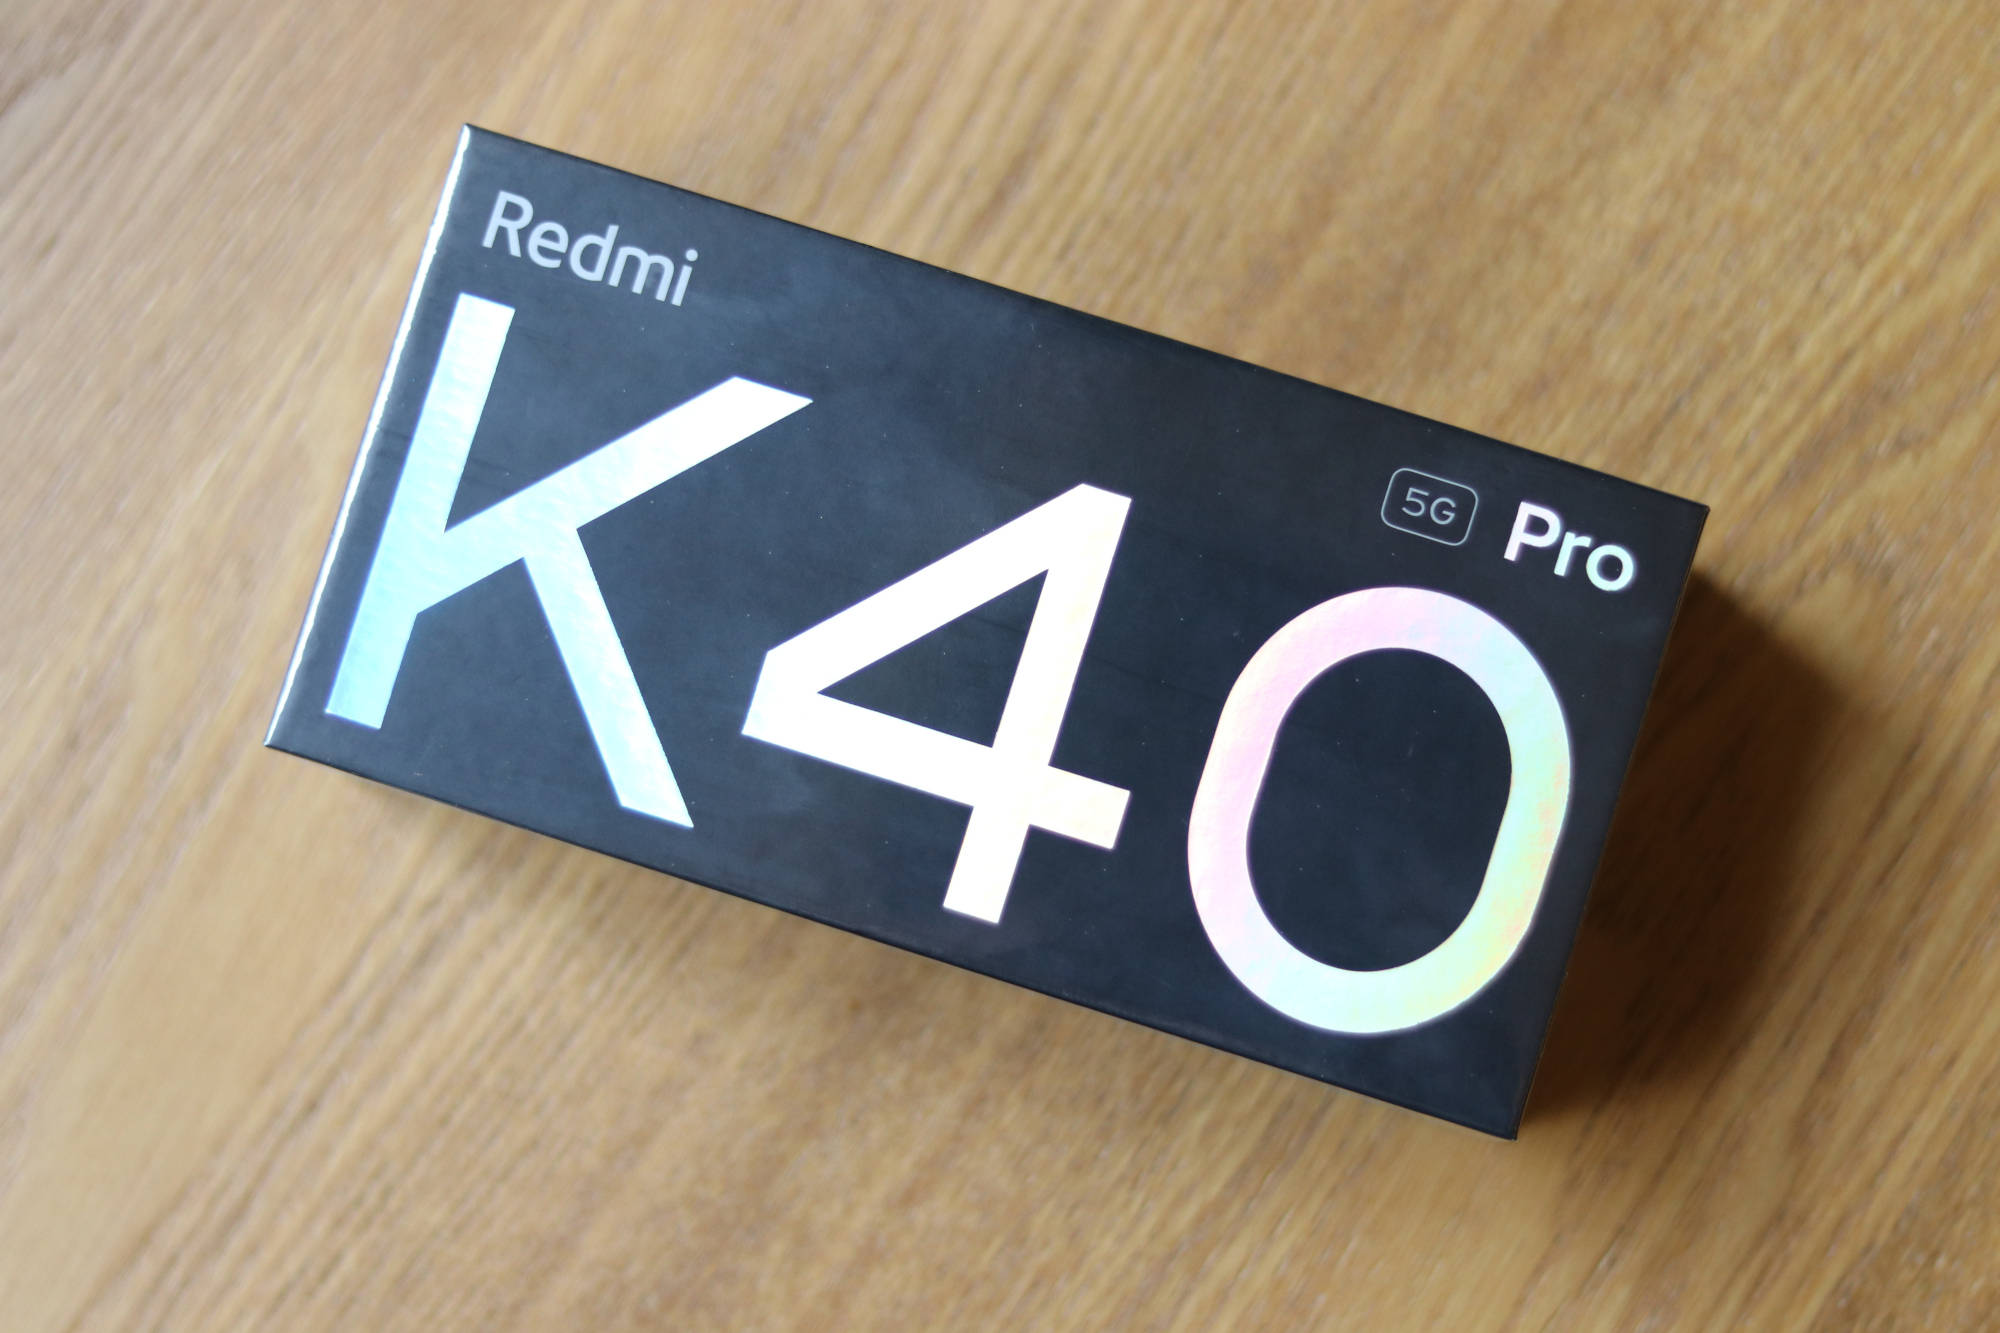 小米之家预定的红米K40 Pro终于到手了,不吹不黑,说说真实感觉